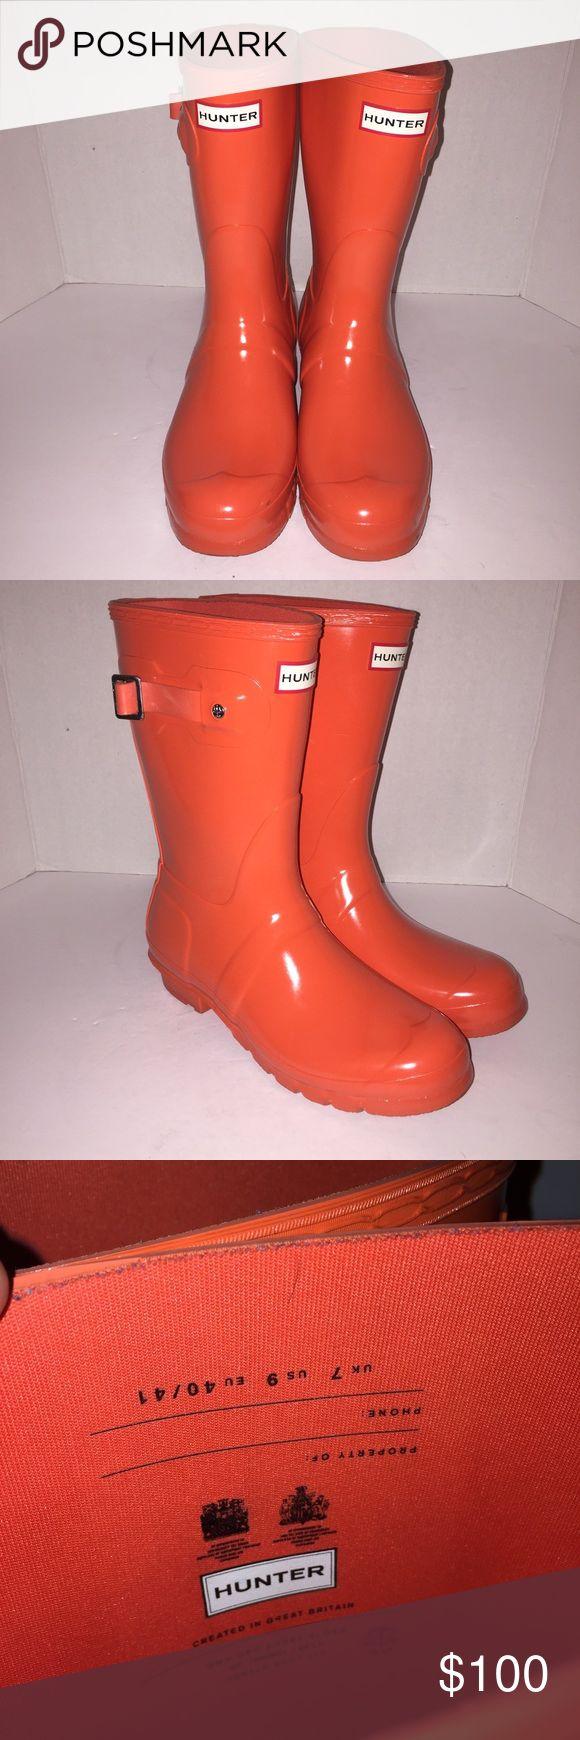 Hunter Orange Gloss Short Wellies Rainboots sz 9 Worn once no. Box women's sz 9 Hunter Boots Shoes Winter & Rain Boots